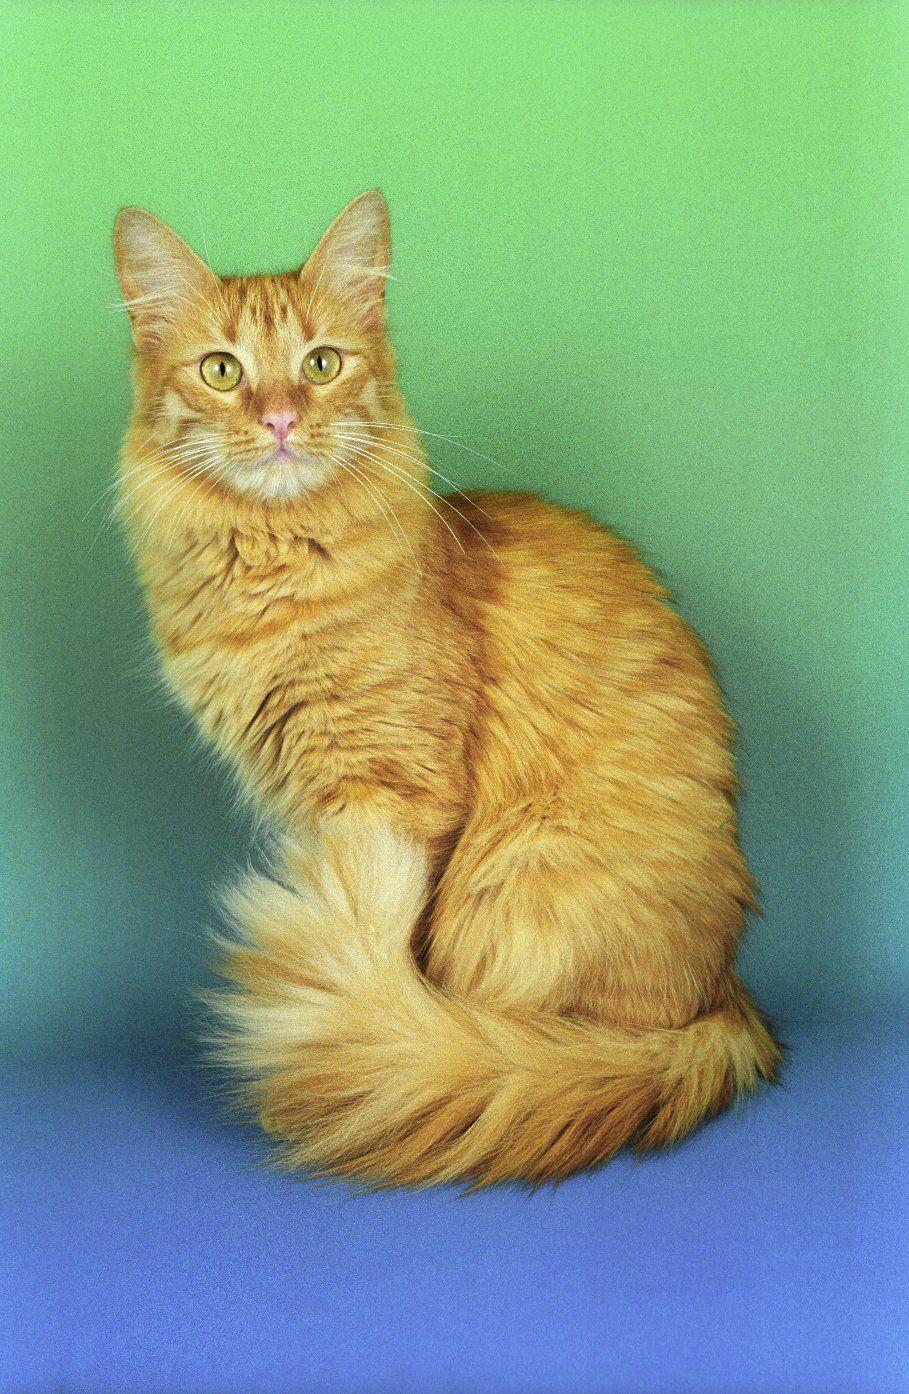 Angora cat to buy